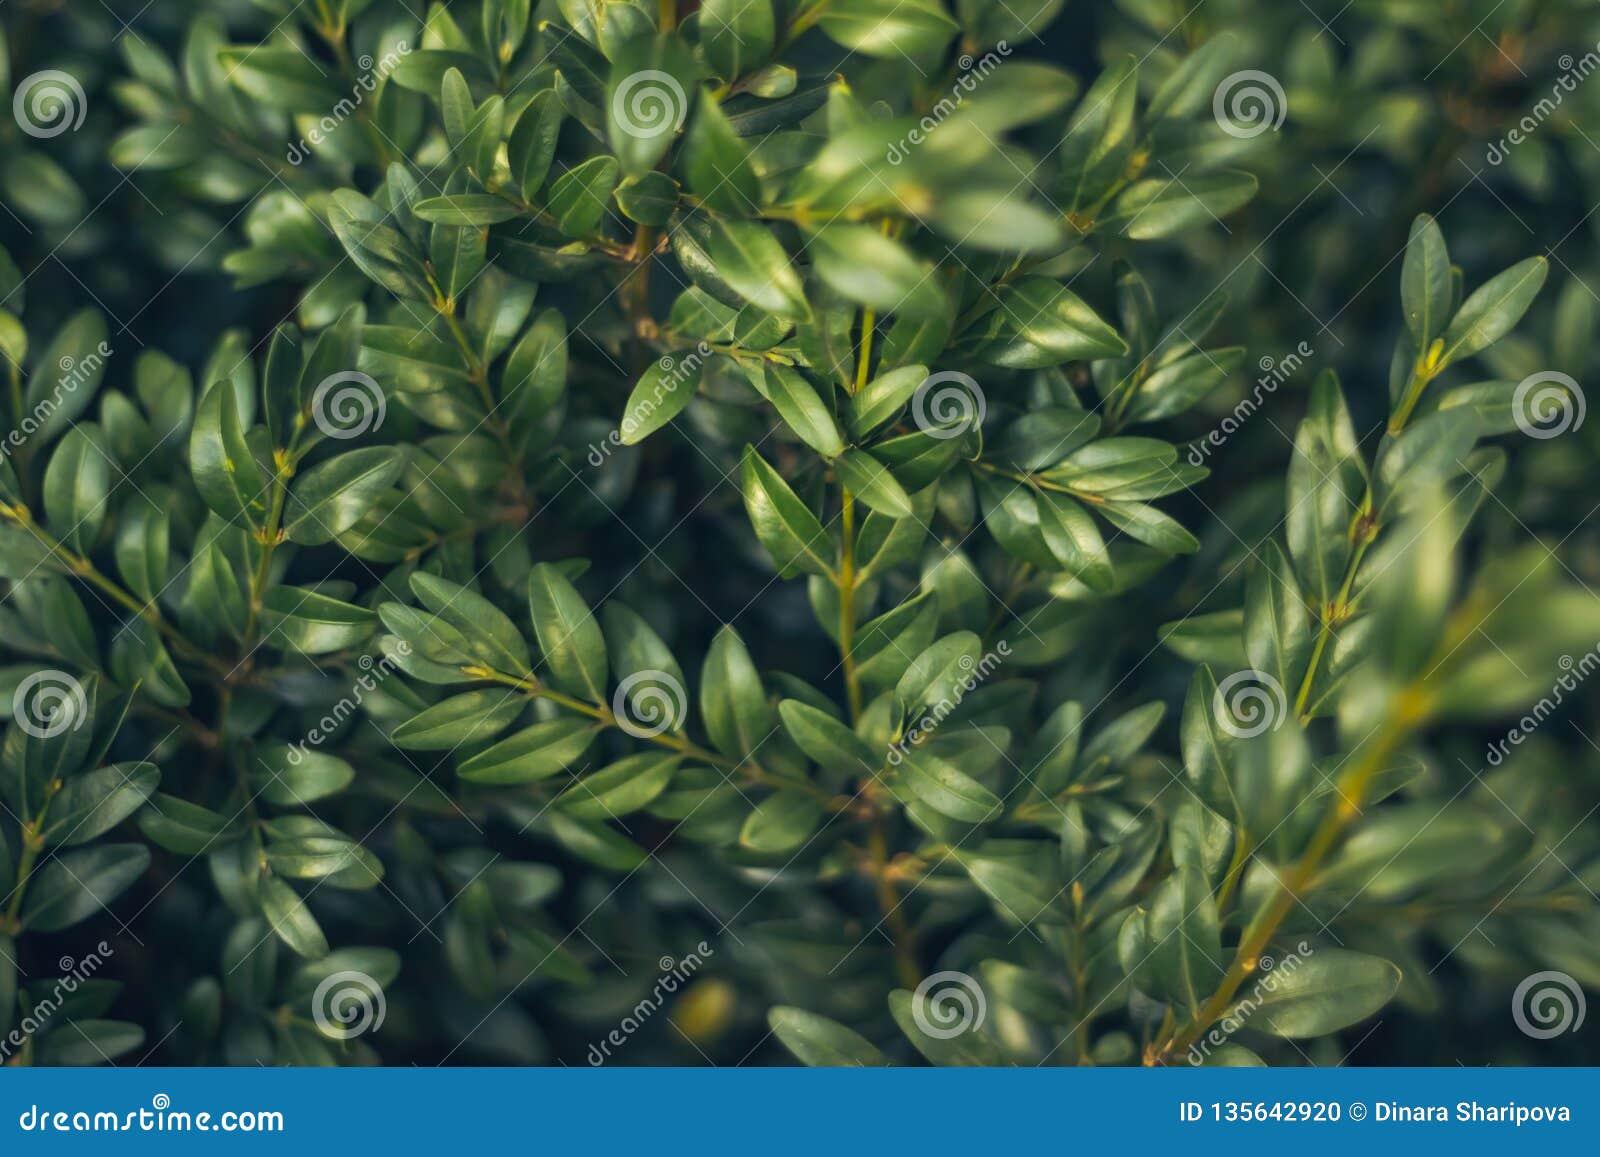 De Amerikaanse veenbessenachtergrond van de bladeren wilde bes De groene Ornamenten van Kerstmis De natuurlijke achtergrond van d